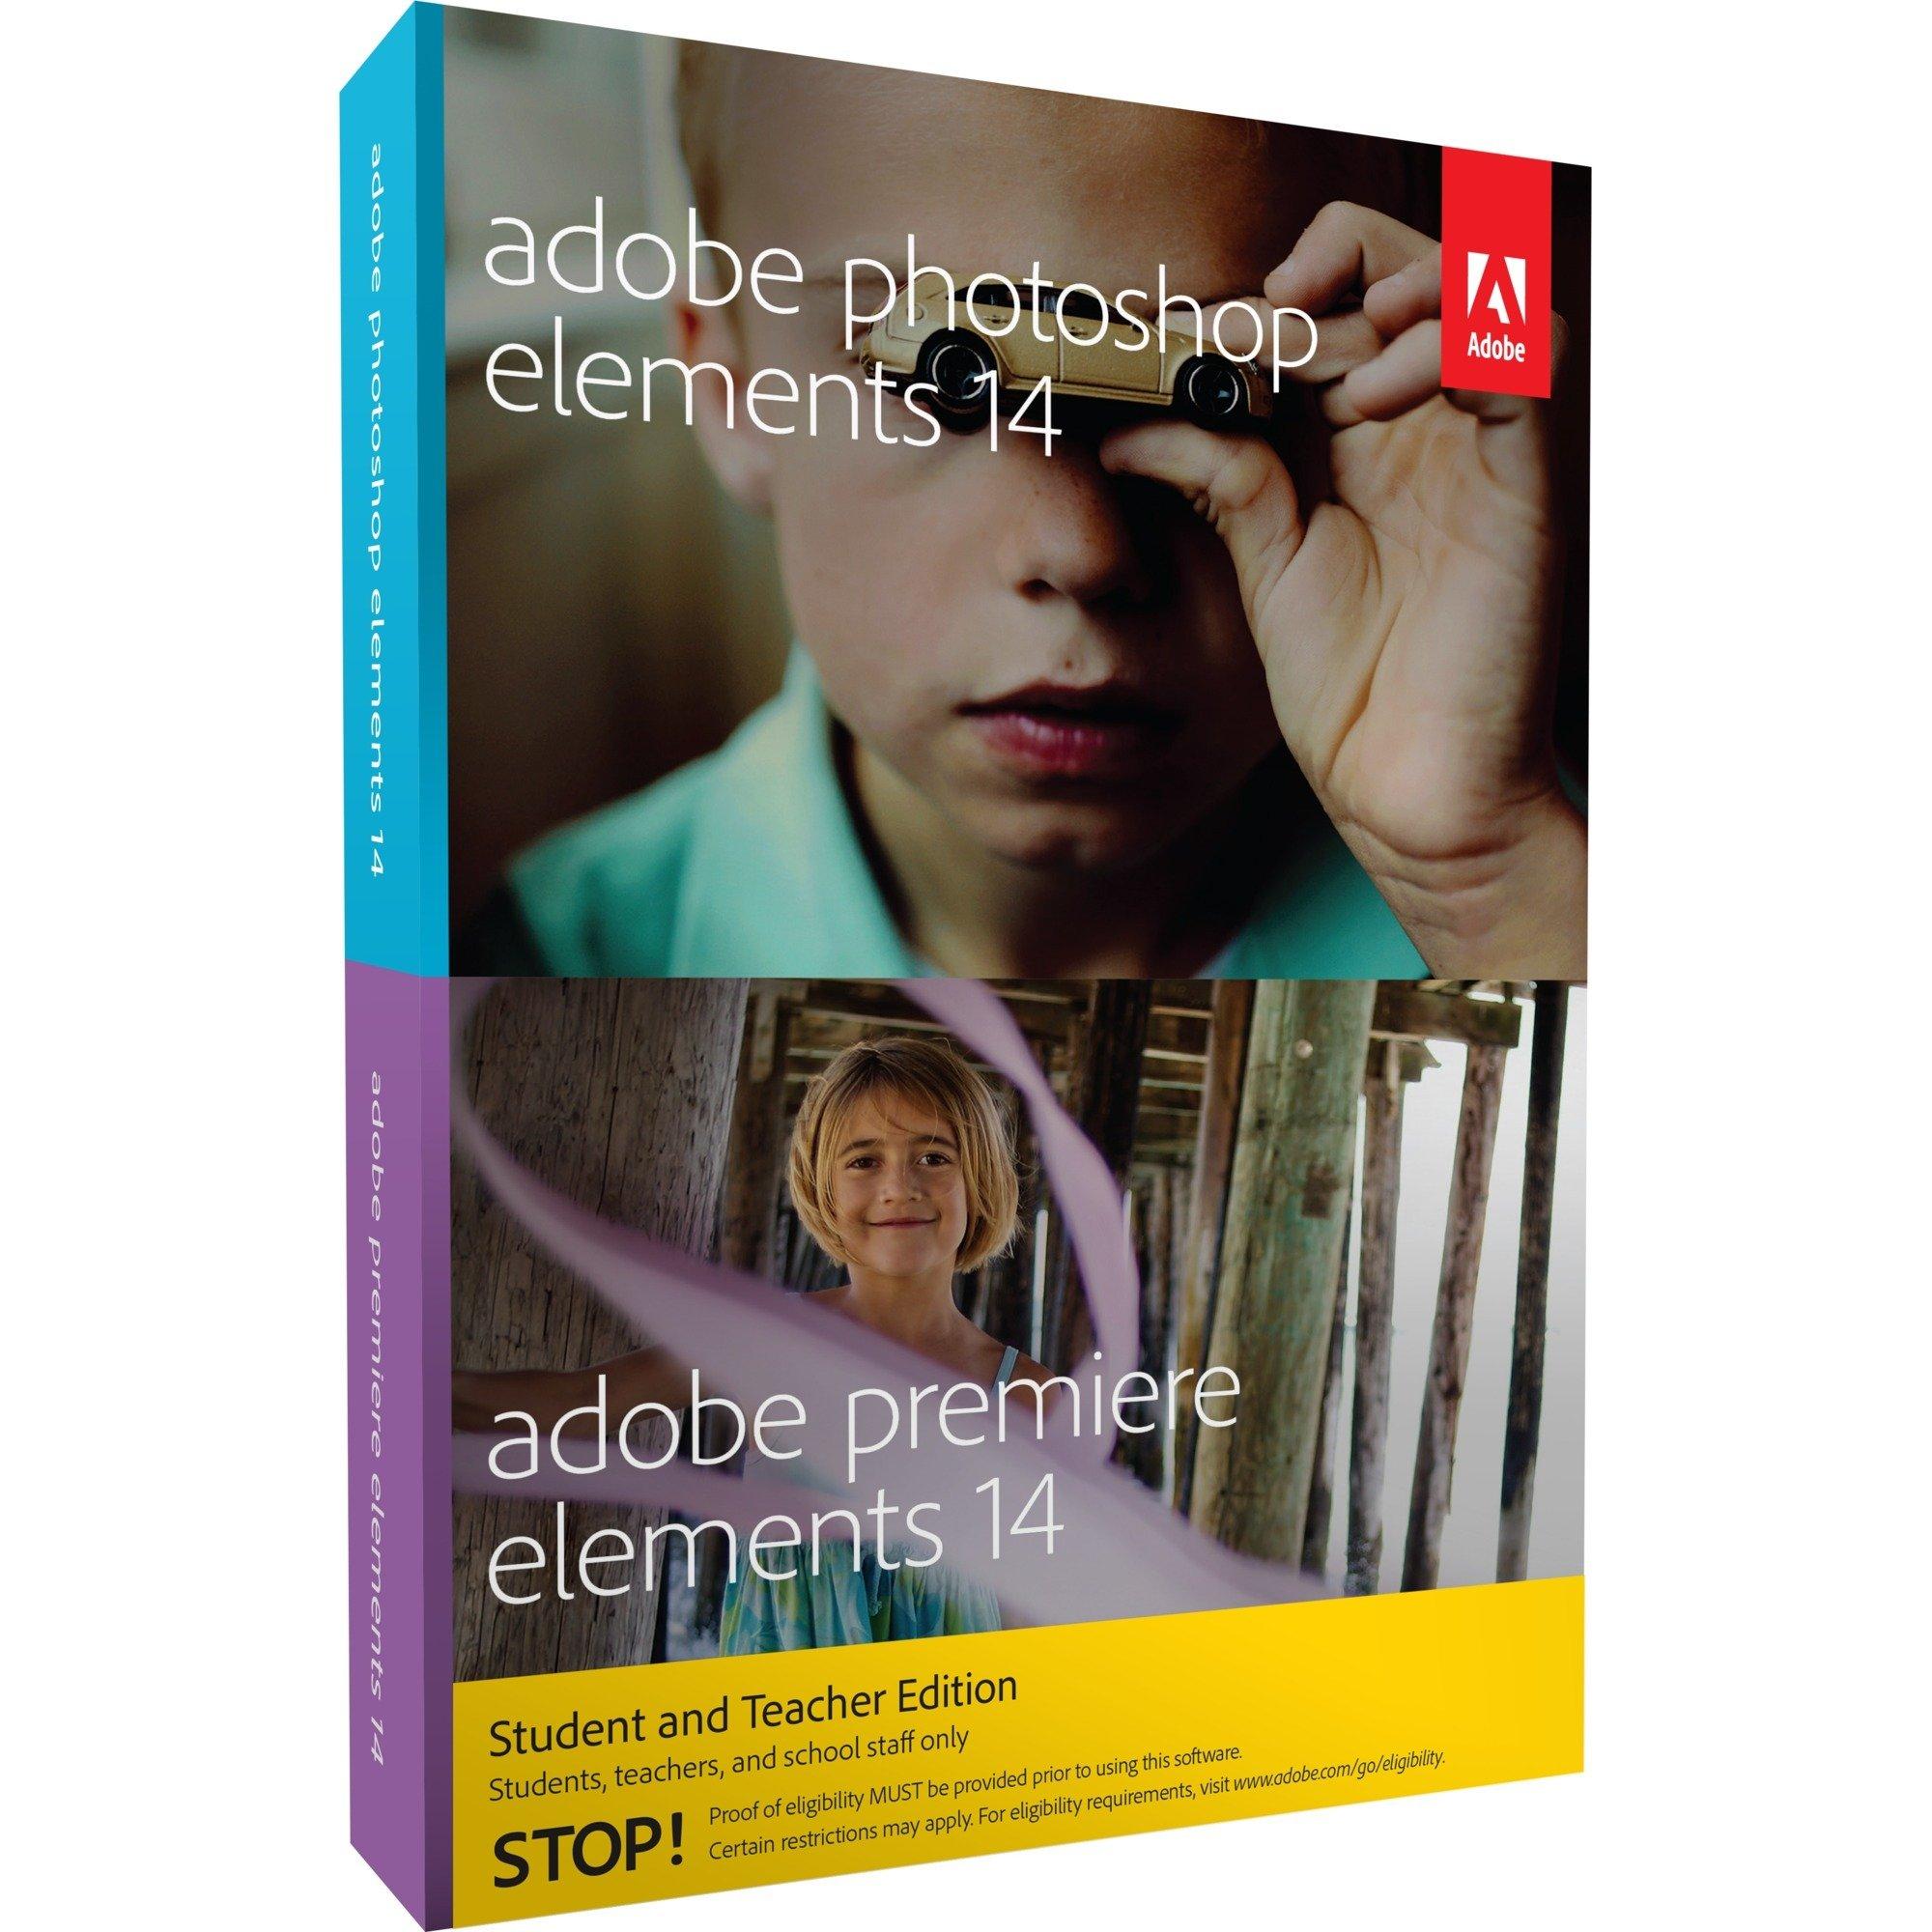 photoshop-premiere-elements-14-software